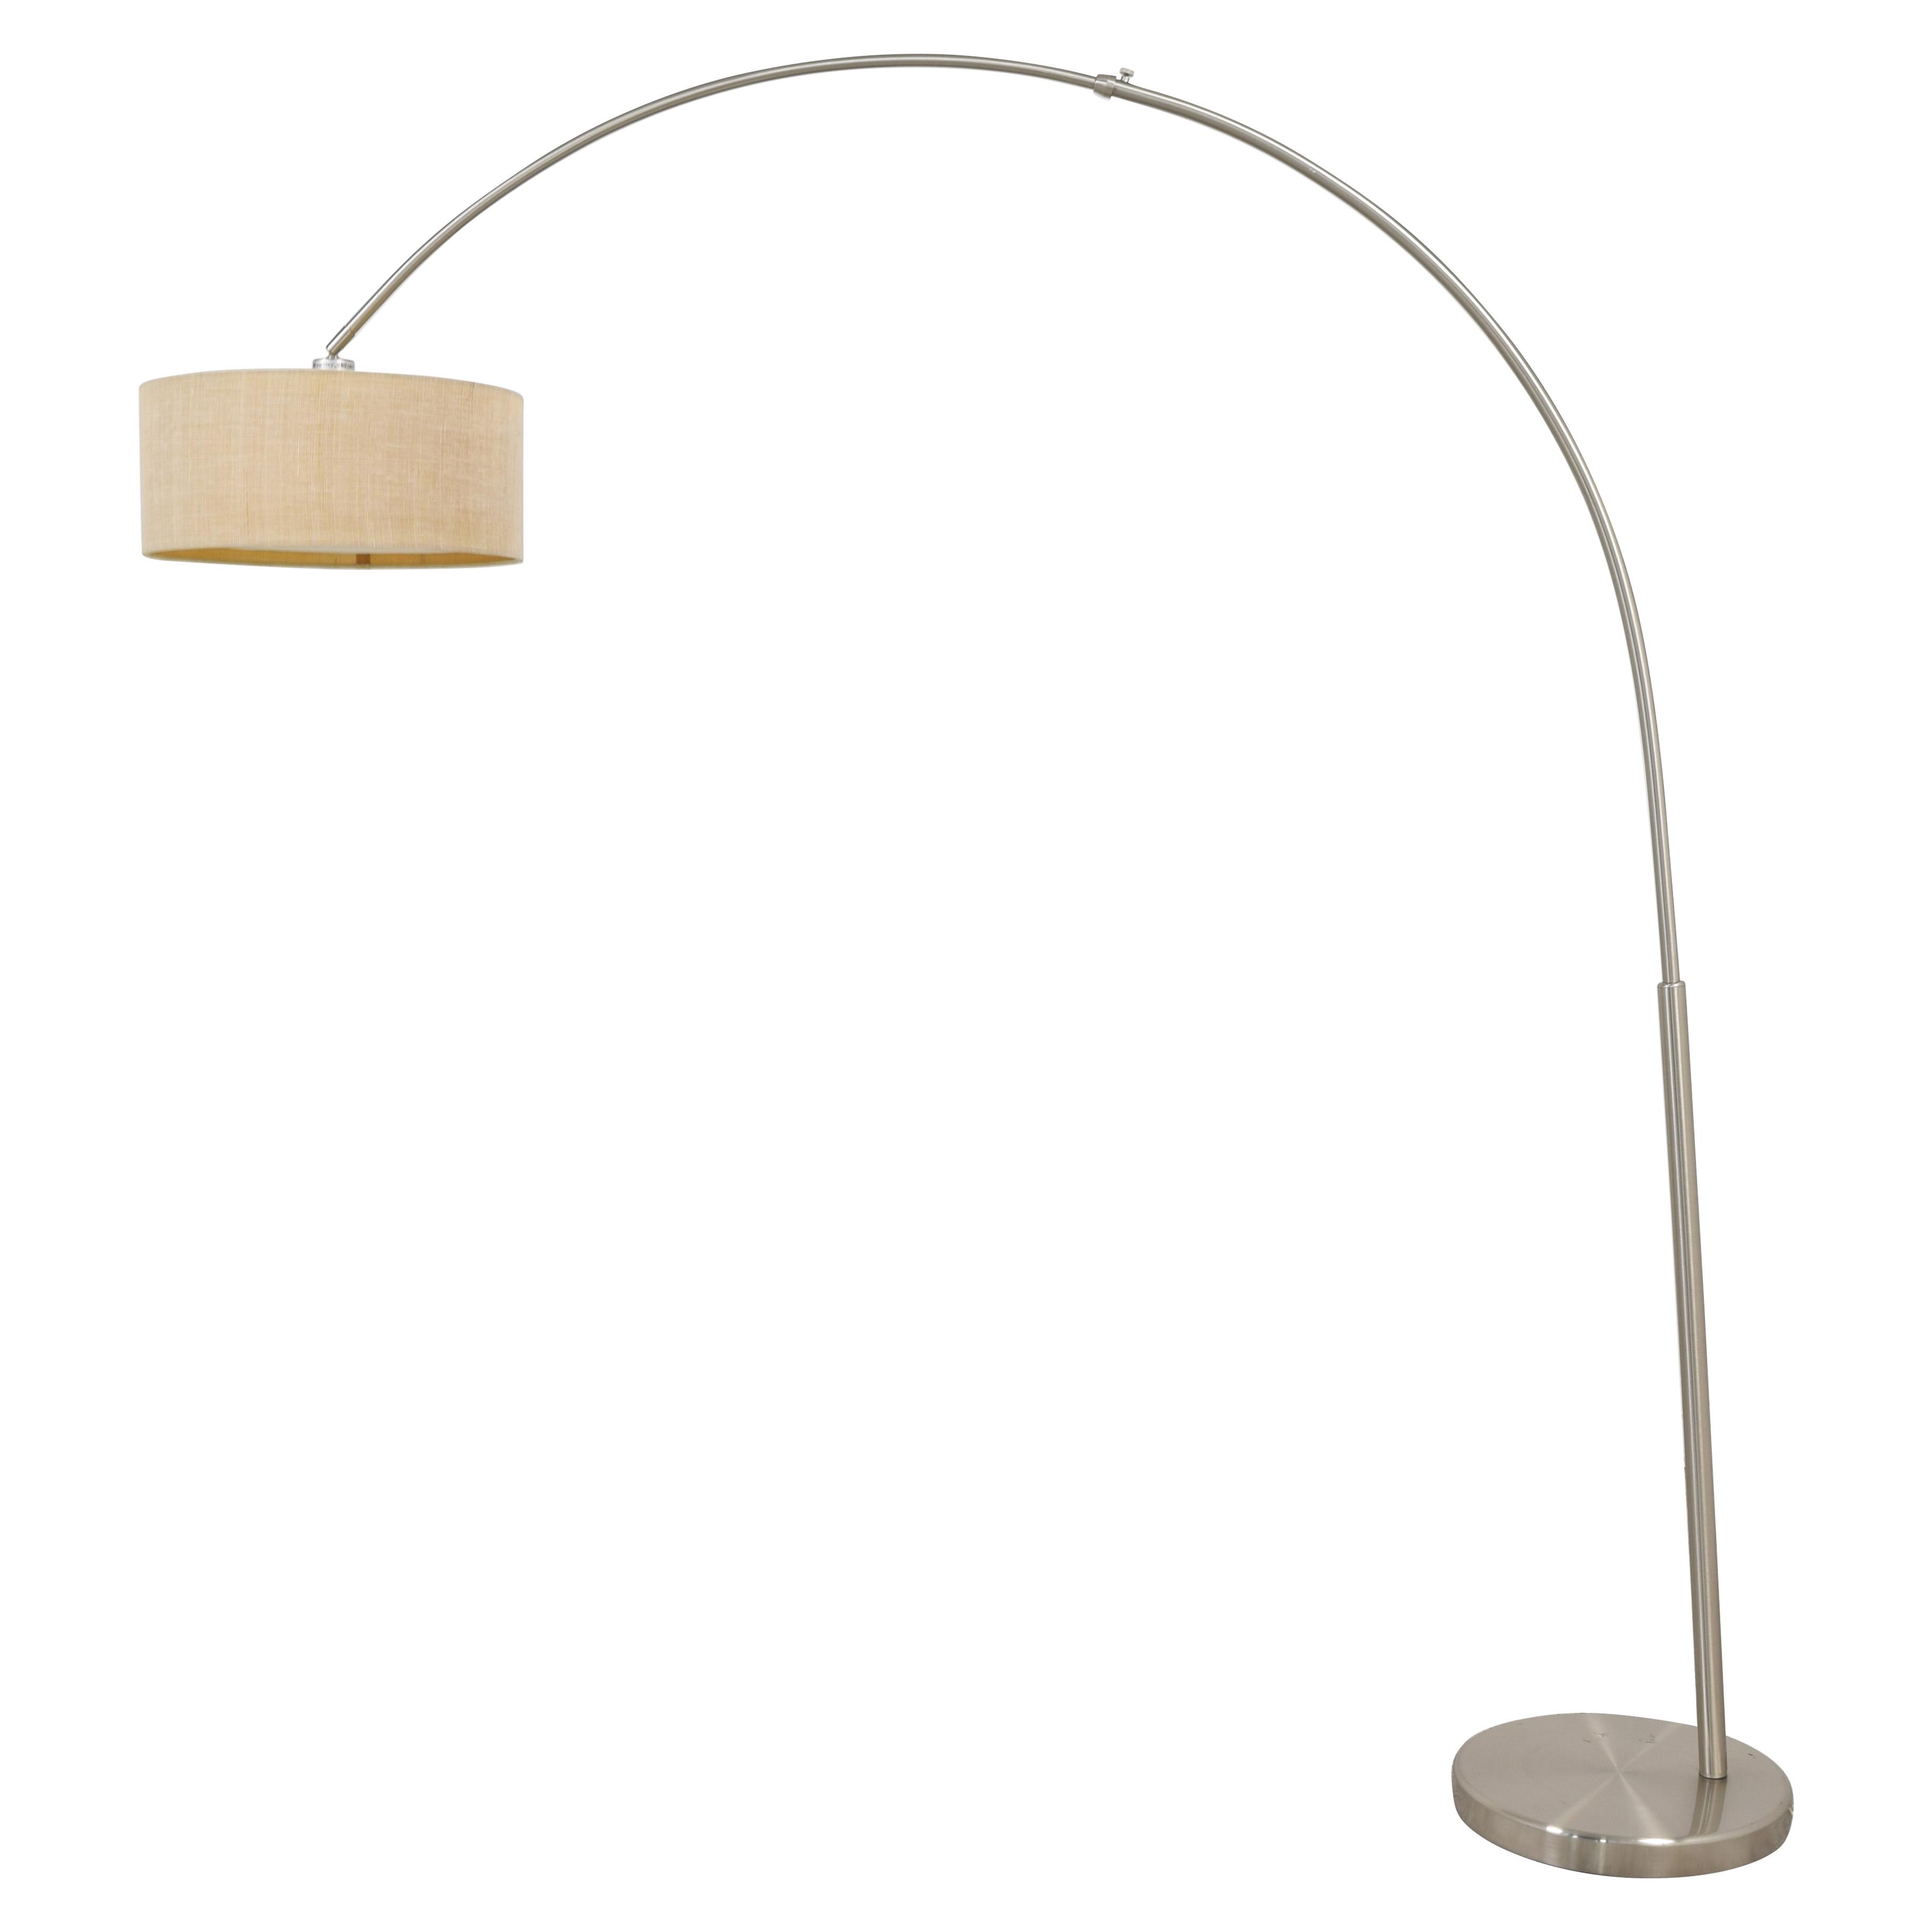 CB2 CB2 Big Dipper Arc Floor Lamp dimensions